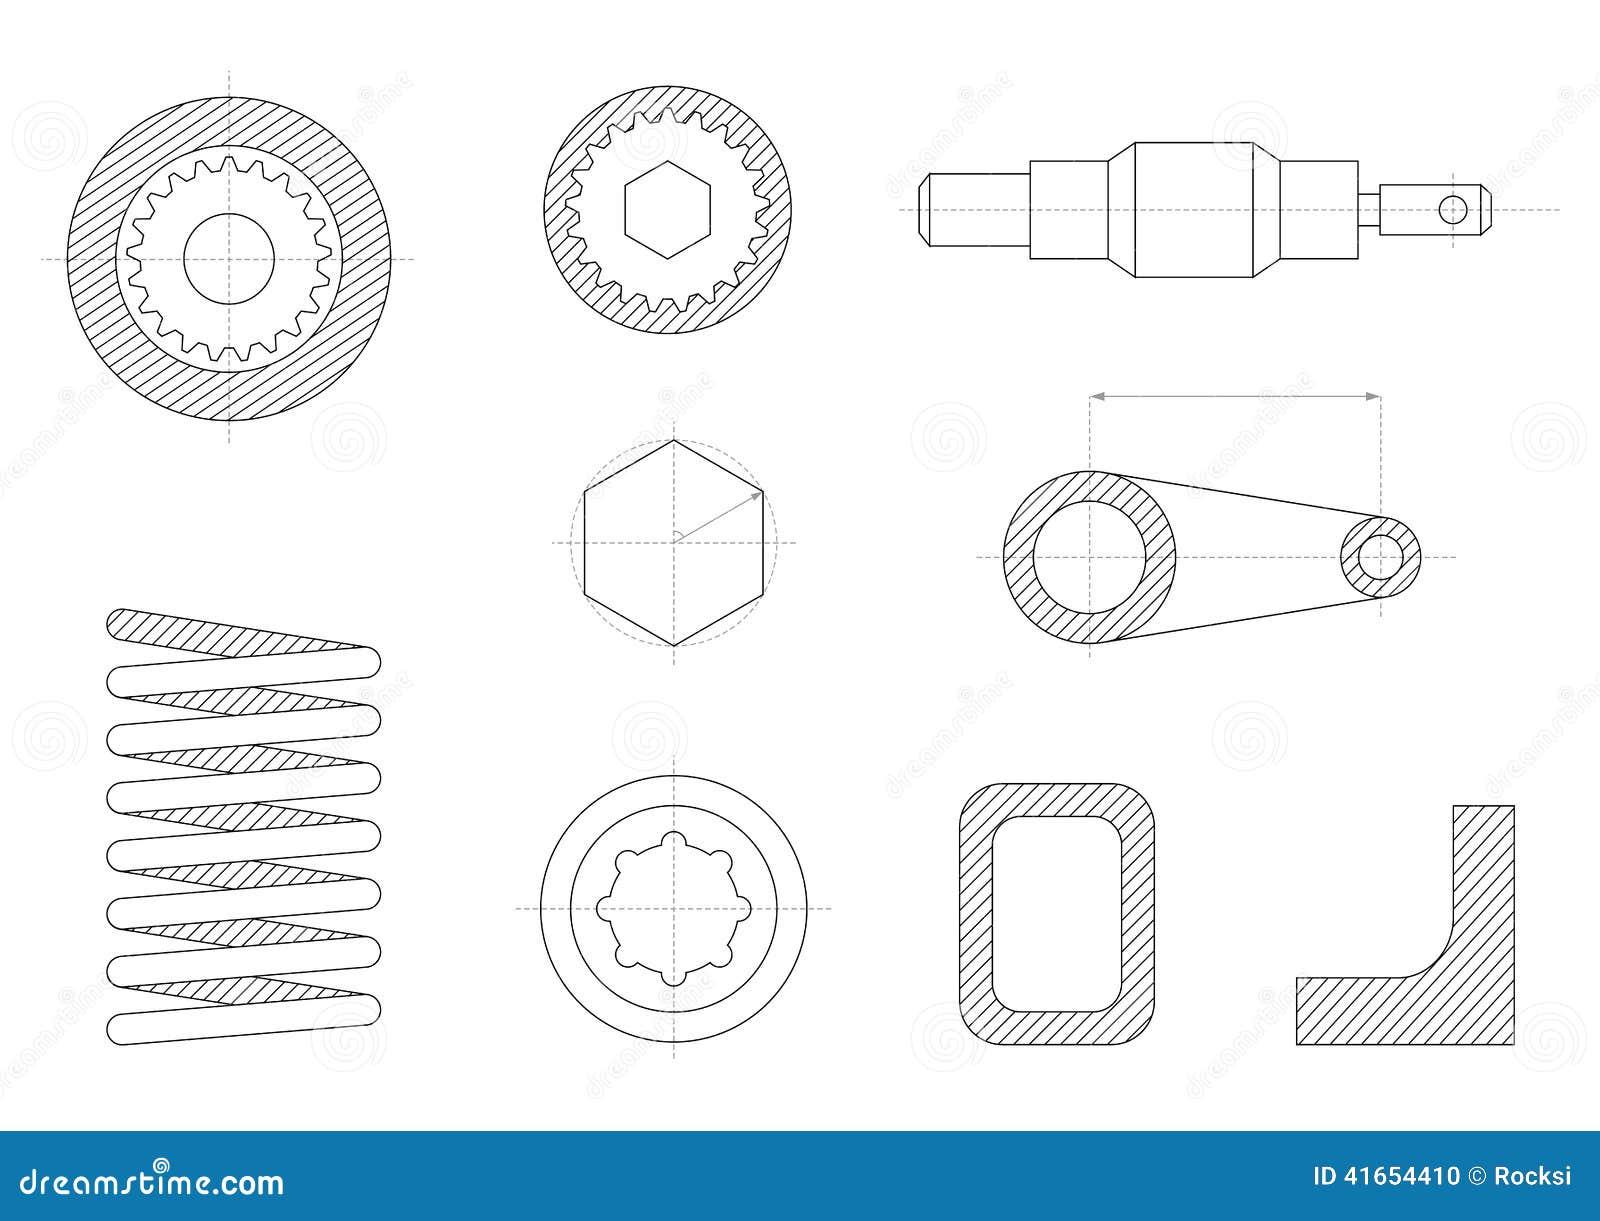 чертежи механически частей